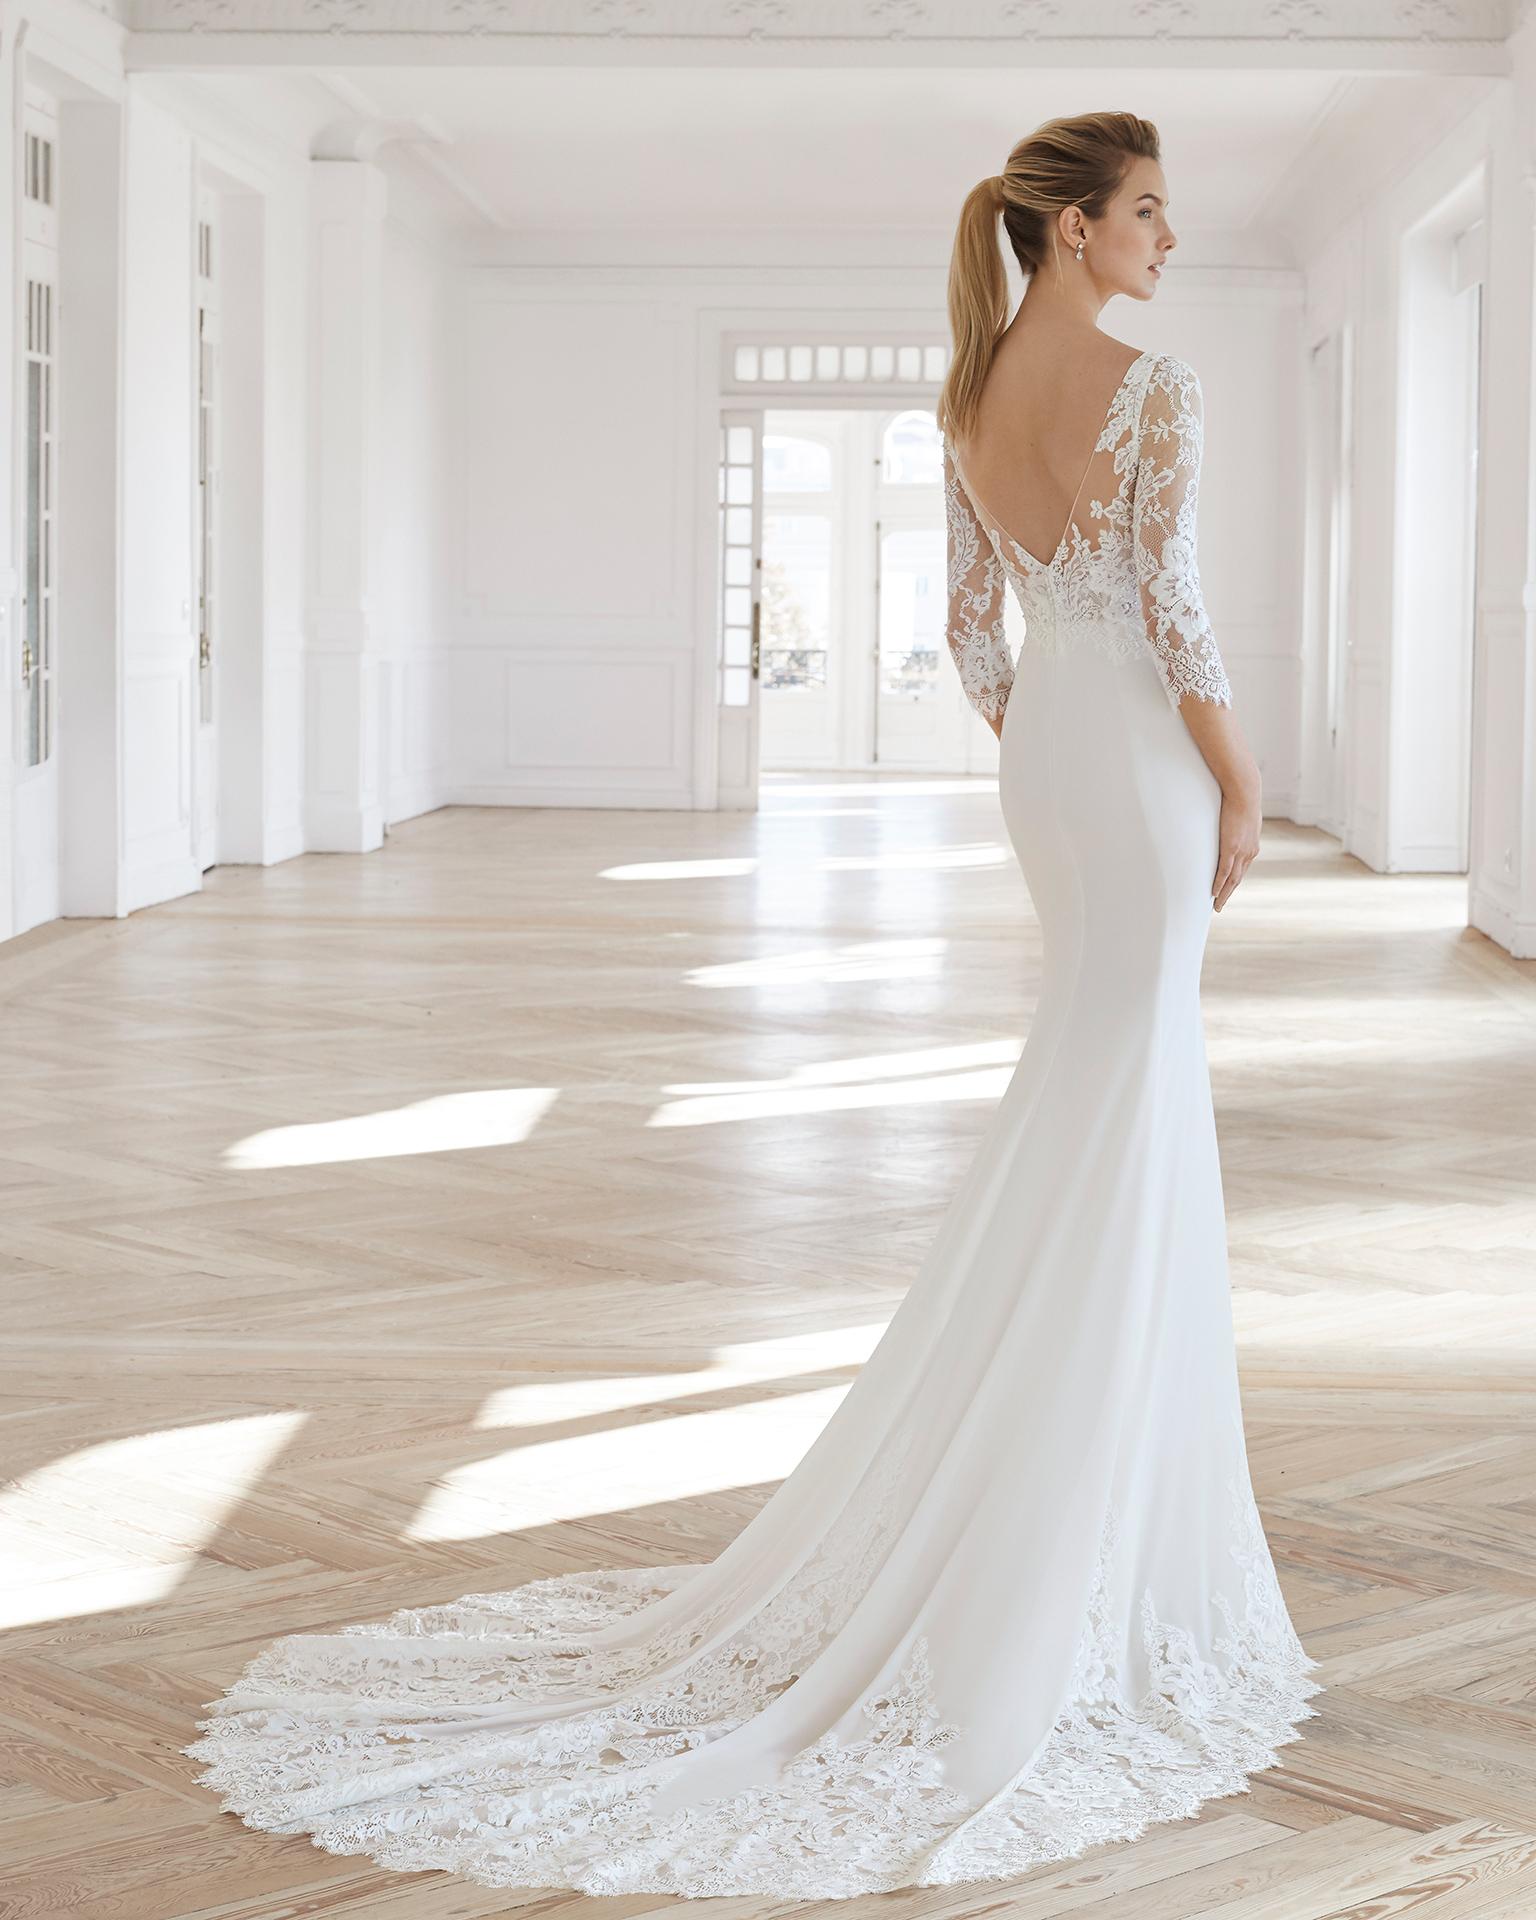 Vestido de noiva corte reto de crepe georgete e renda de brilhantes. Decote ilusão e manga comprida. Disponível em cor natural. Coleção AIRE BARCELONA 2019.